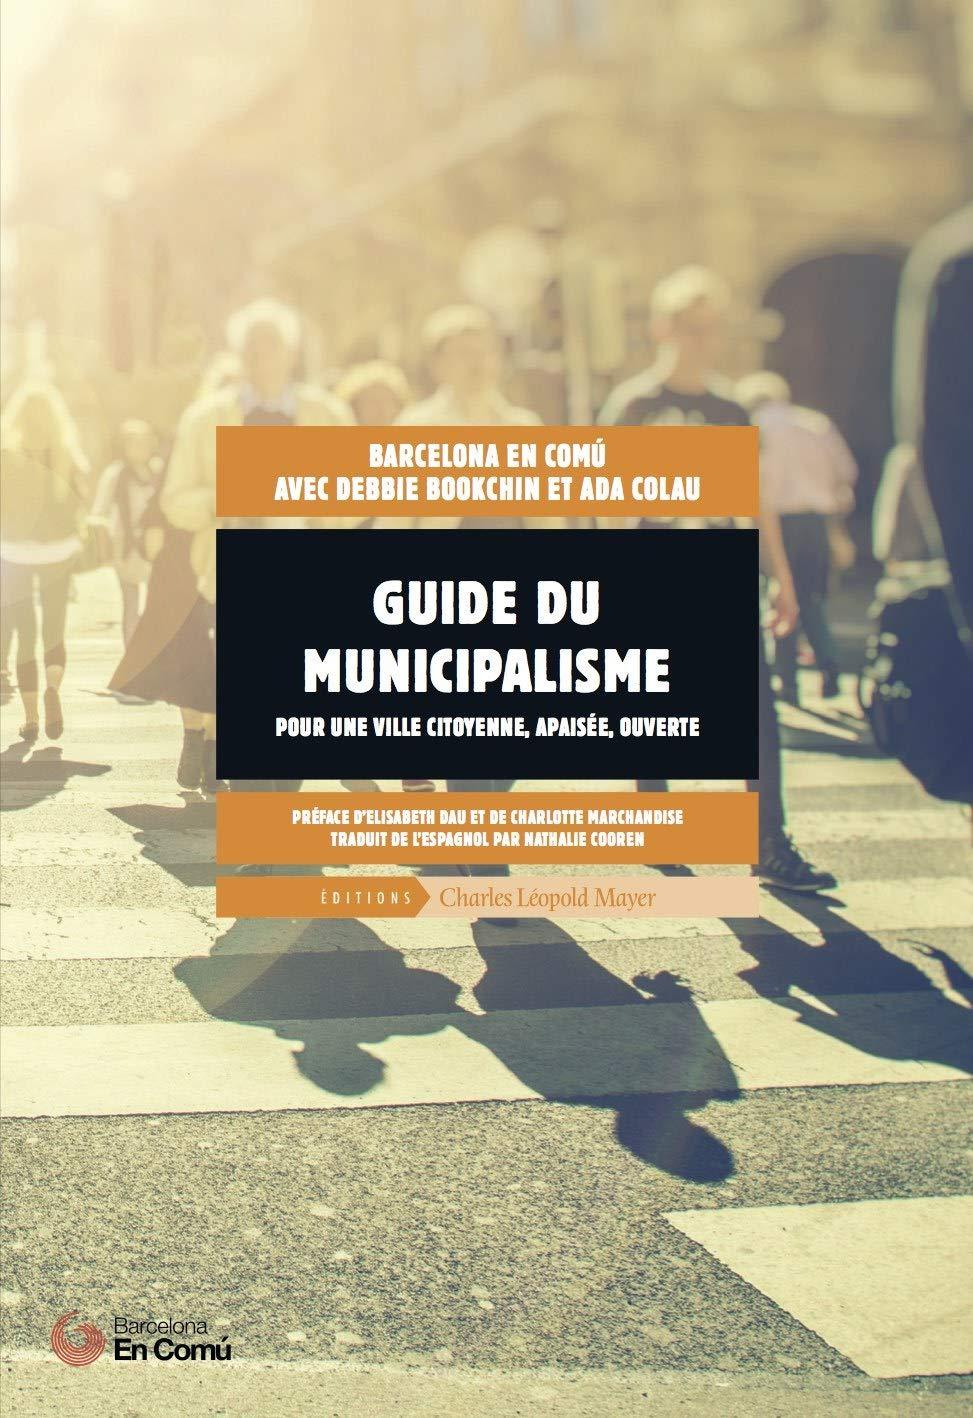 Guide du municipalisme pour une ville citoyenne, apaisée, ouverte